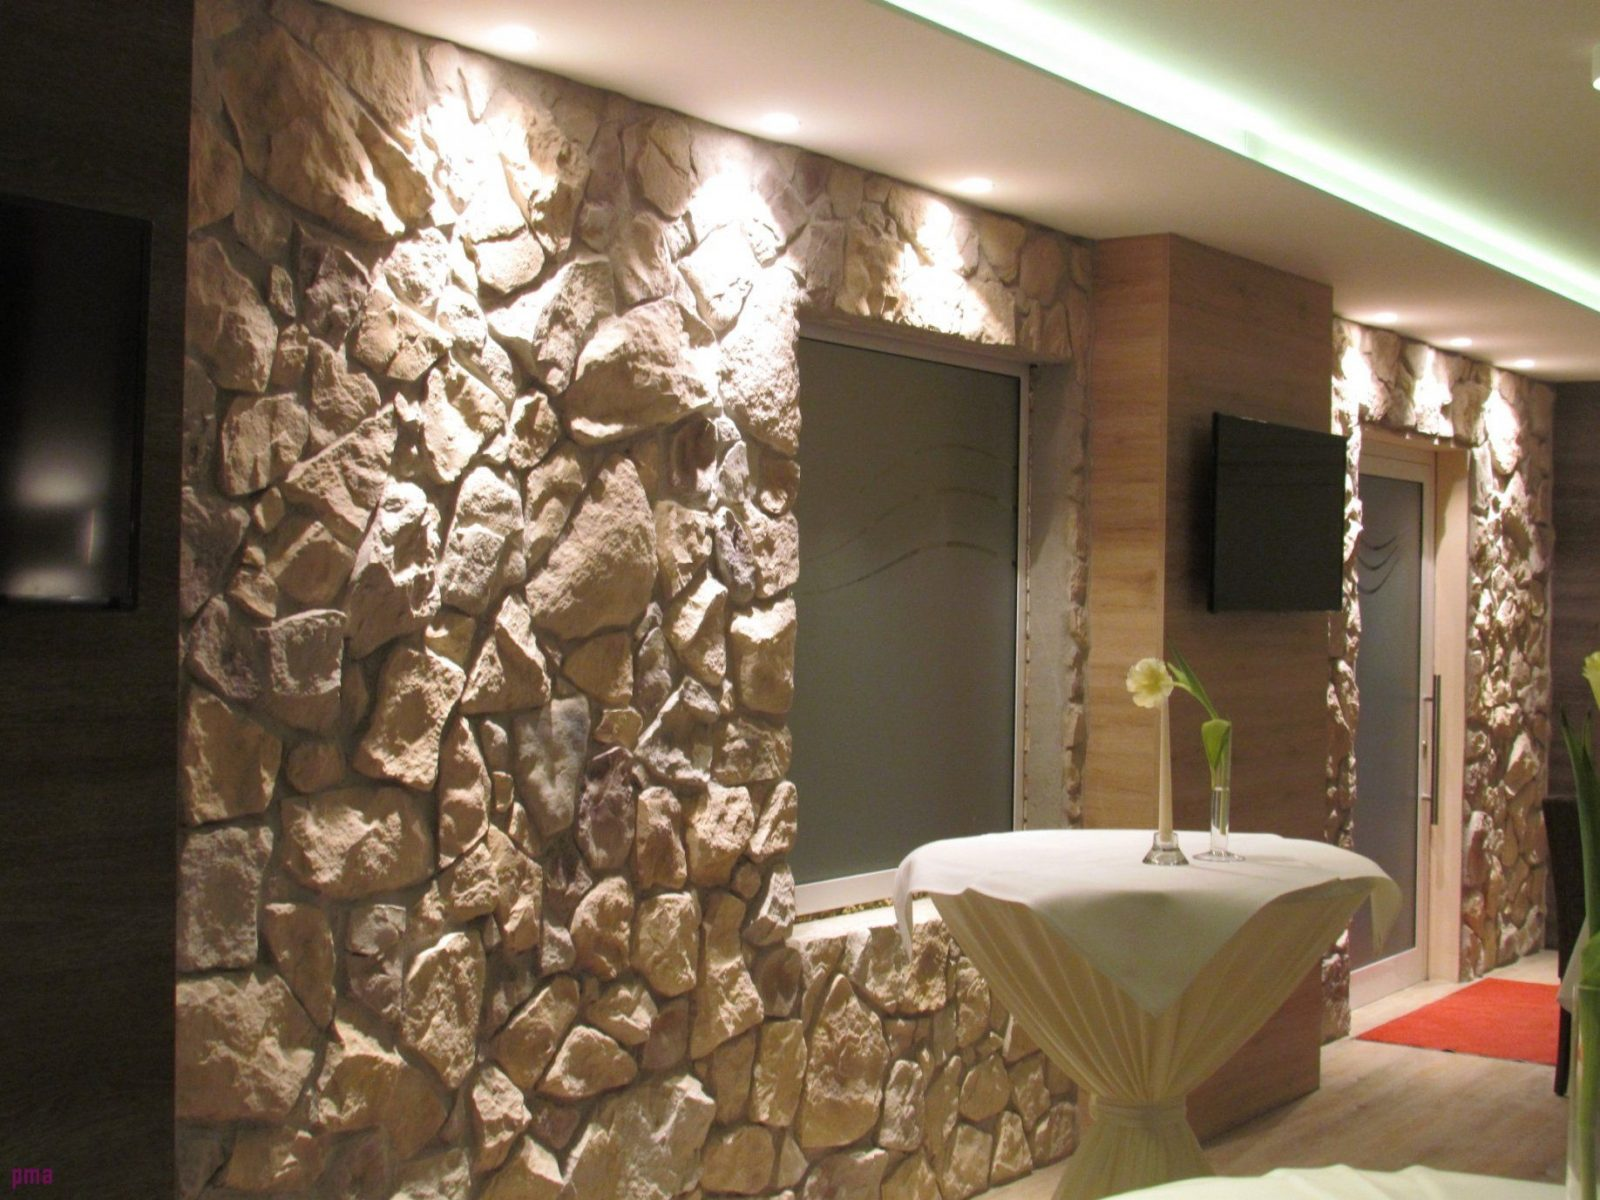 Wandverkleidung Steinoptik Wohnzimmer Wandverkleidung Wohnzimmer